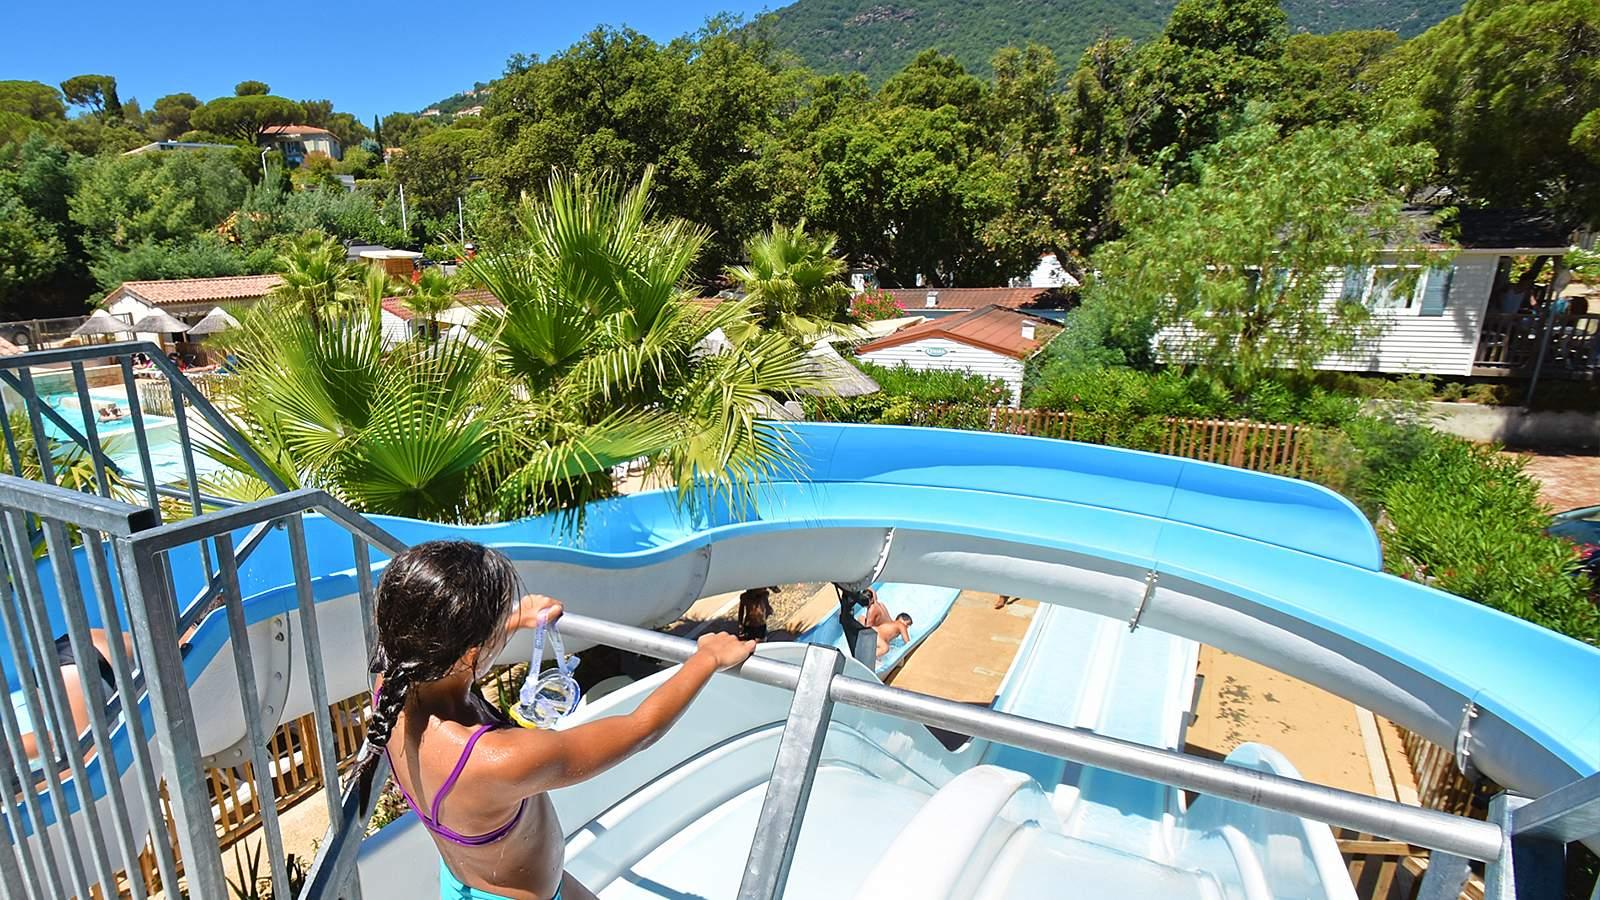 activites et tobbogans a la piscine chauffee du camping